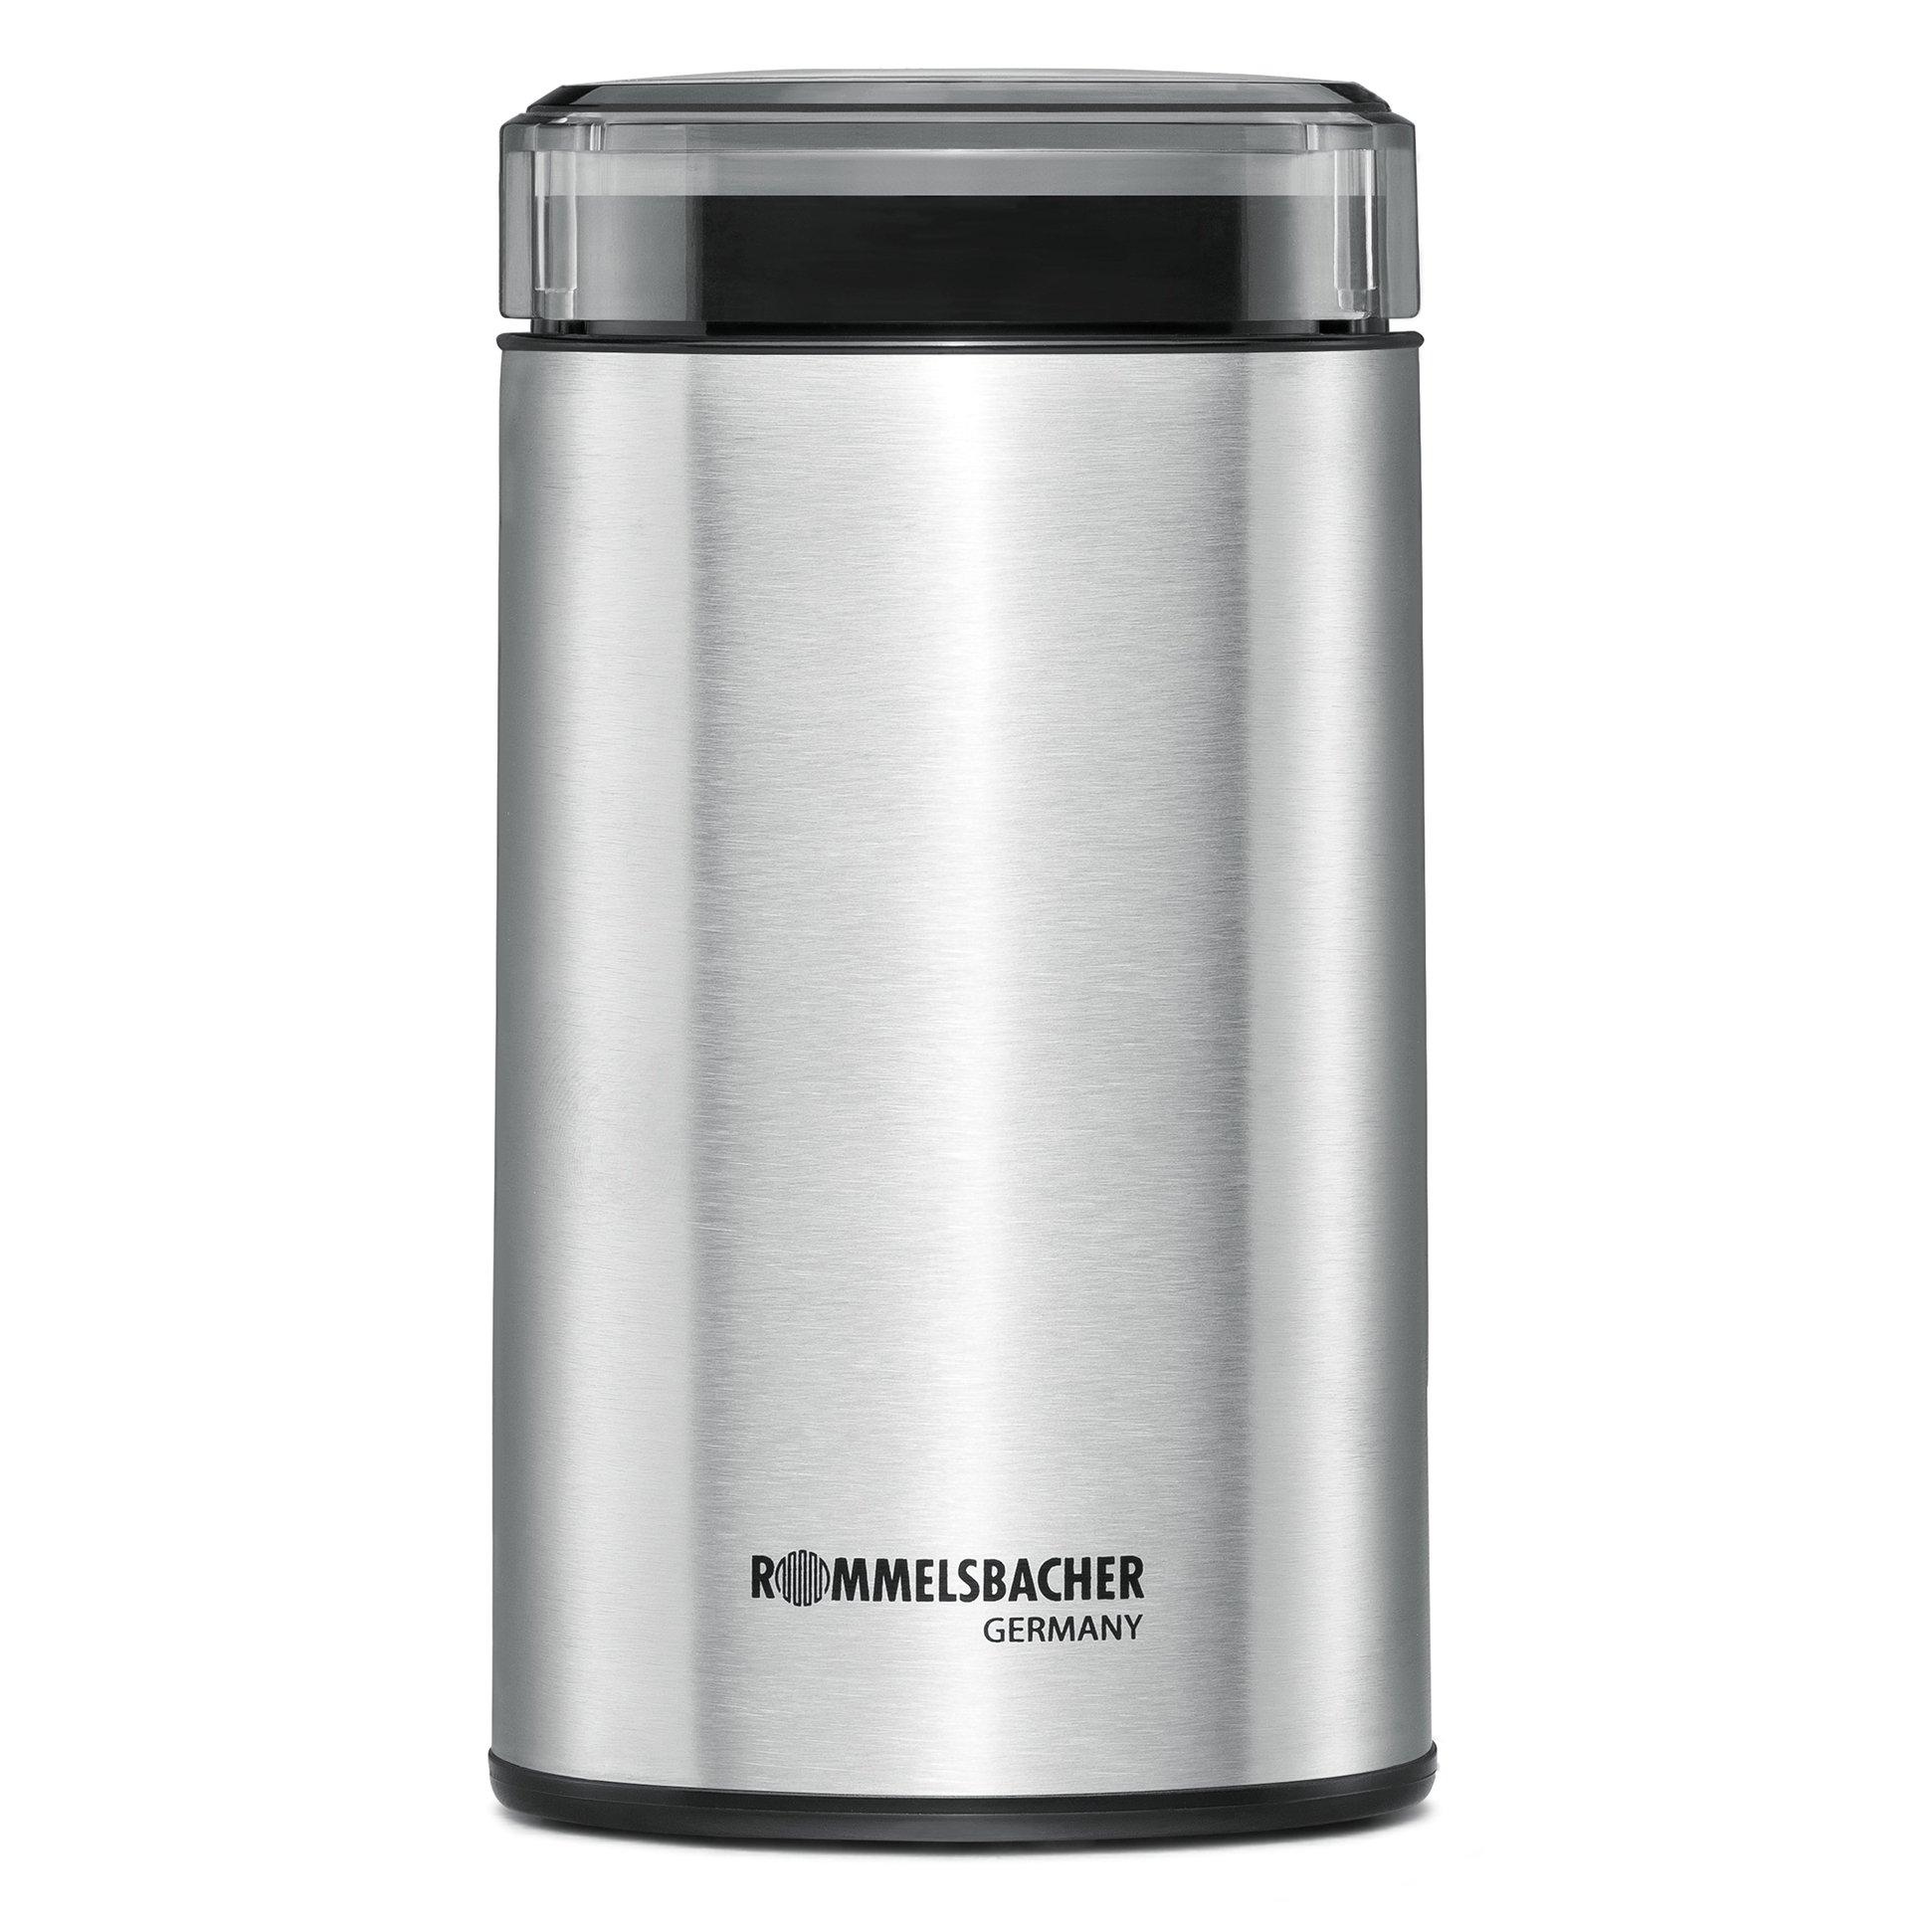 ROMMELSBACHER Kaffeemühle EKM 100 – Schlagmesser aus Edelstahl, Edelstahl Bohnenbehälter, Füllmenge 70 g, Mahlgrad über Mahldauer wählbar, auch für Gewürze, Zucker, Nüsse, 200 Watt, Edelstahl